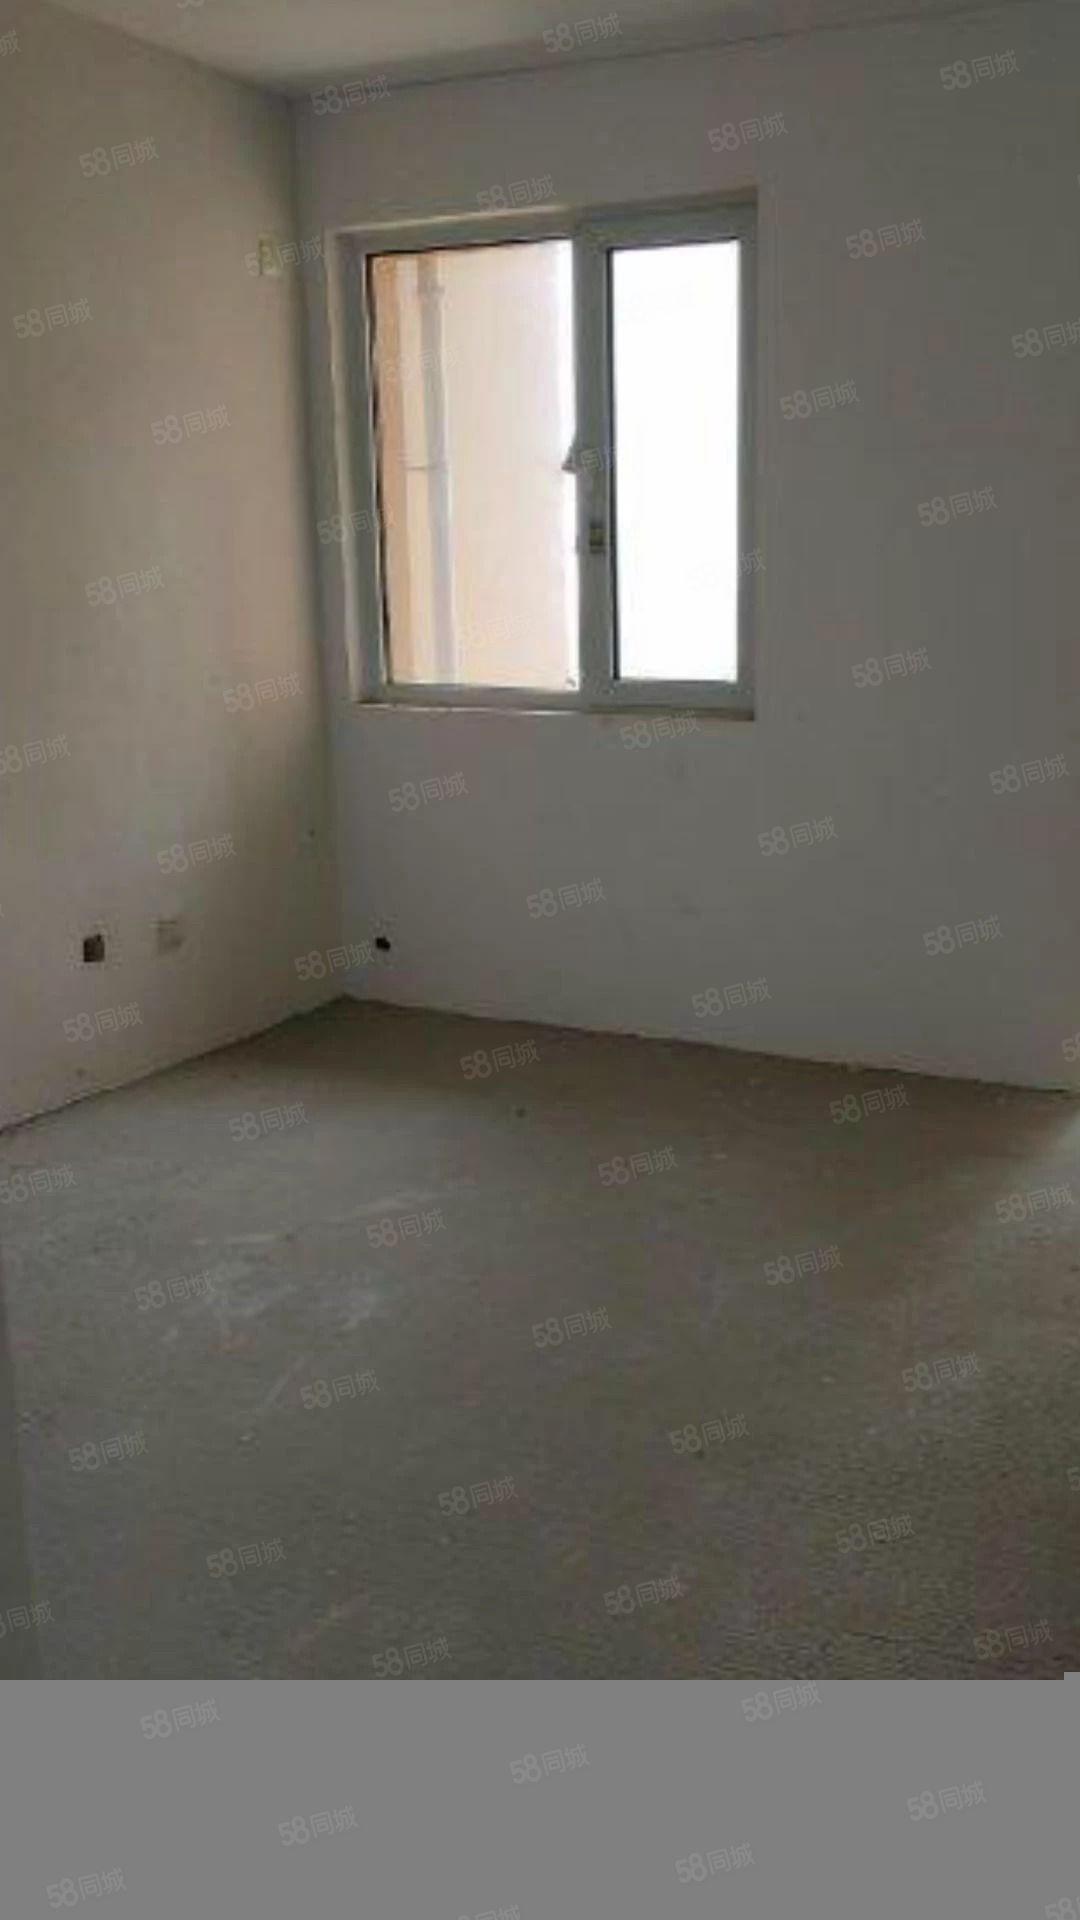 花溪地小高层电梯房毛坯随意装修带下房142平米仅售50.3万